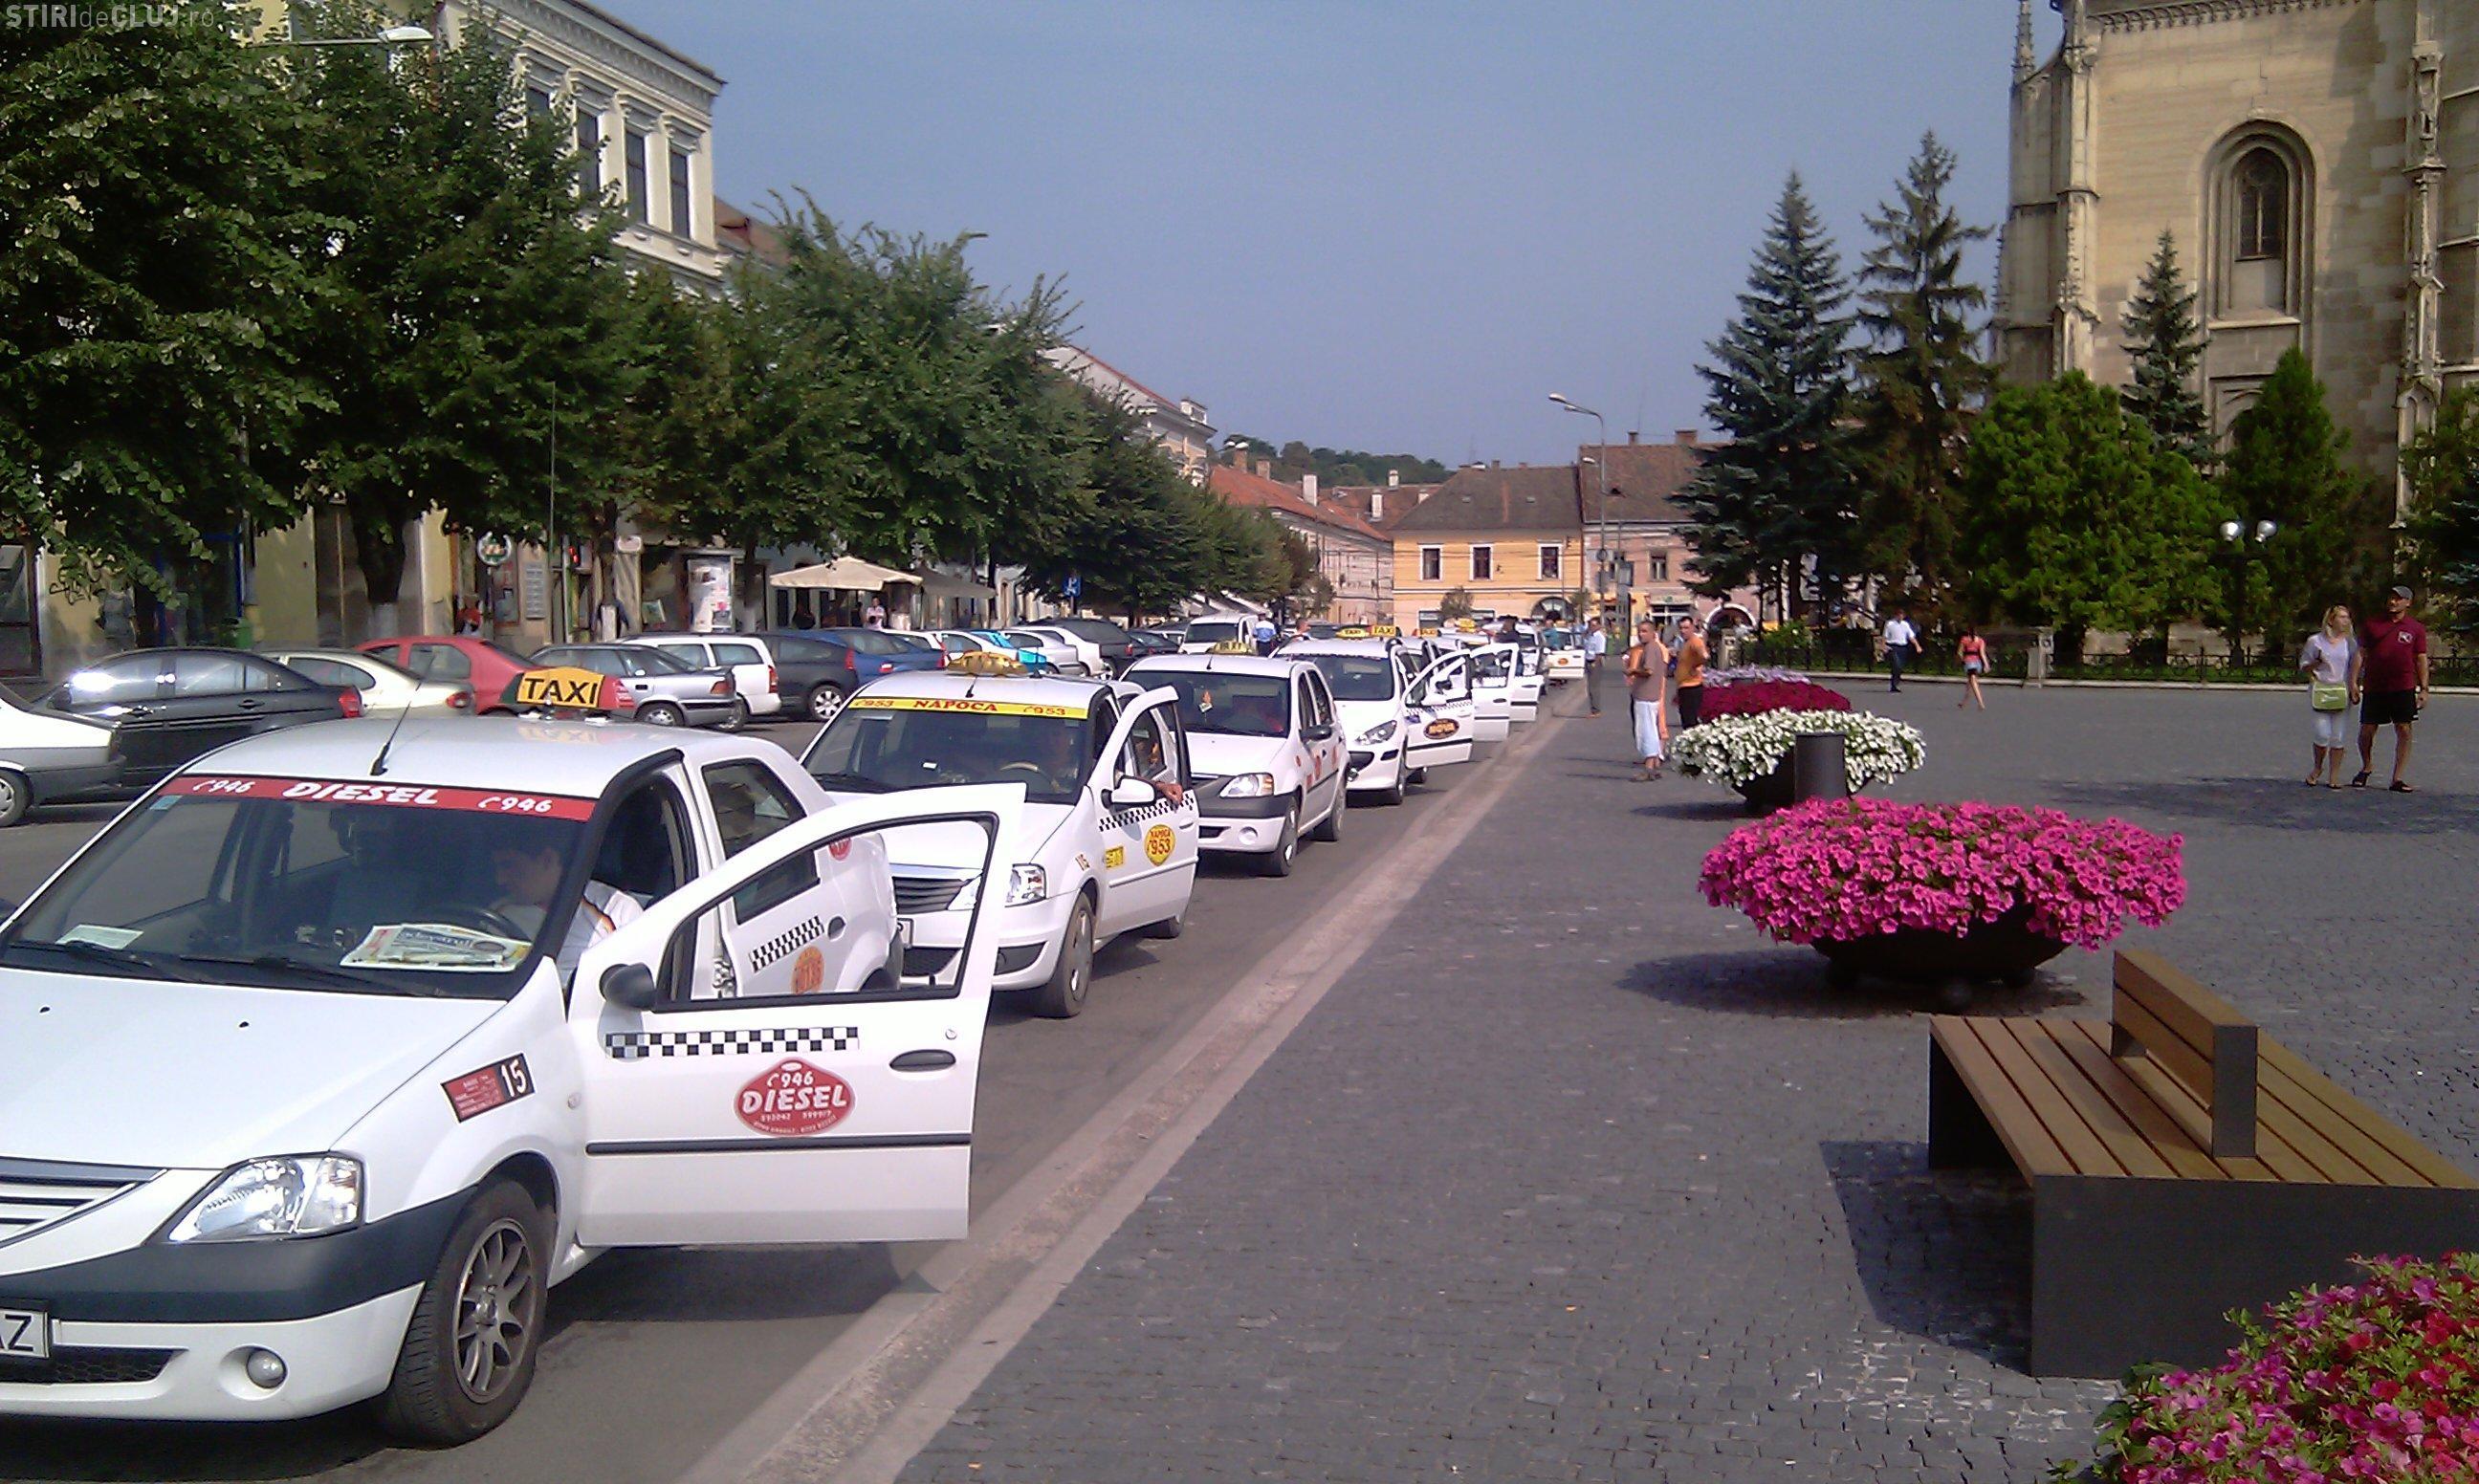 Patru taximetristi din Cluj au ramas fara permis, iar alti 59 au fost amendati